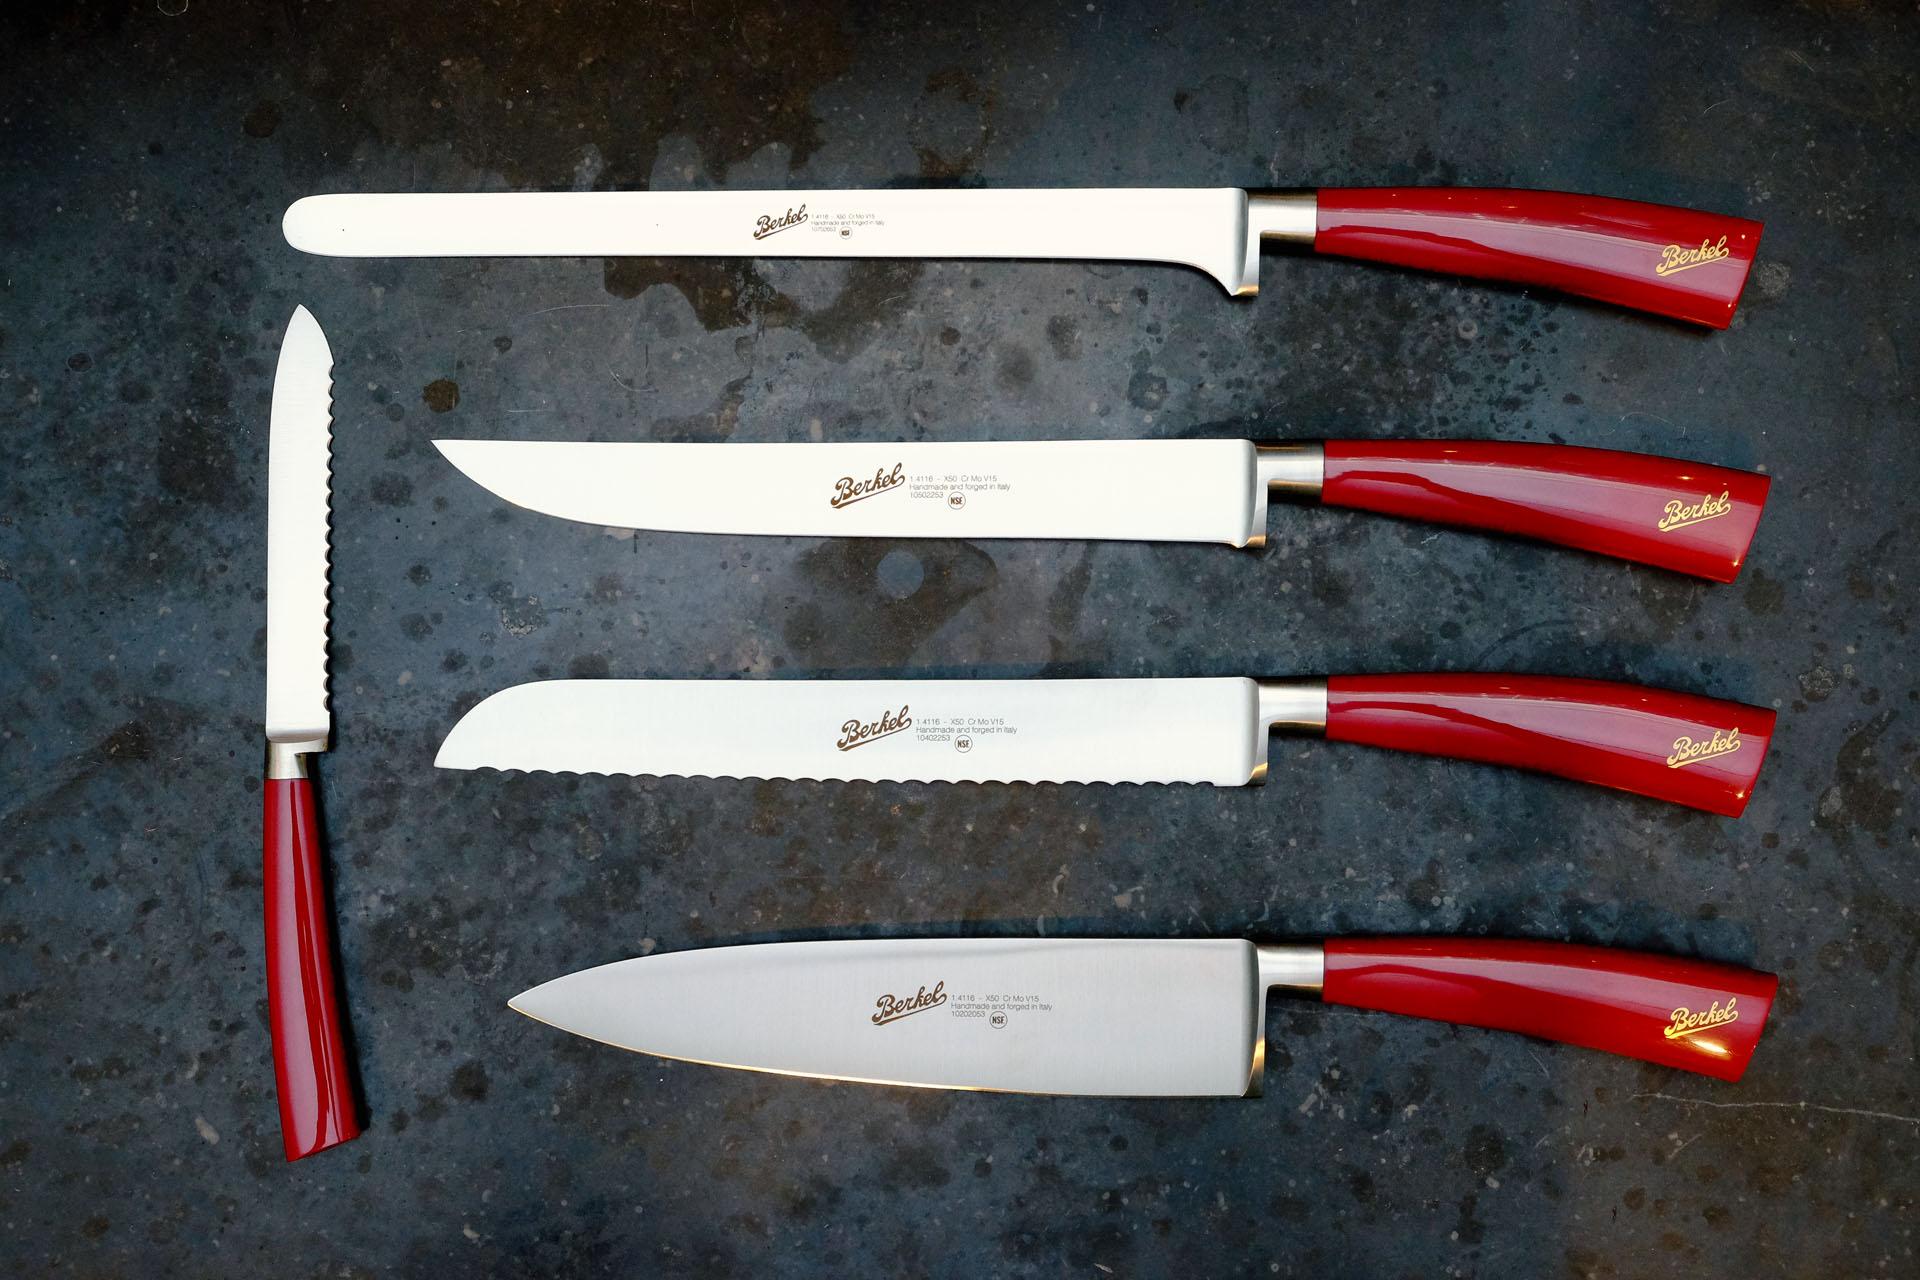 Berkel, Brotmesser, holland, Küchenmesser, messer, Messerset | Für ...